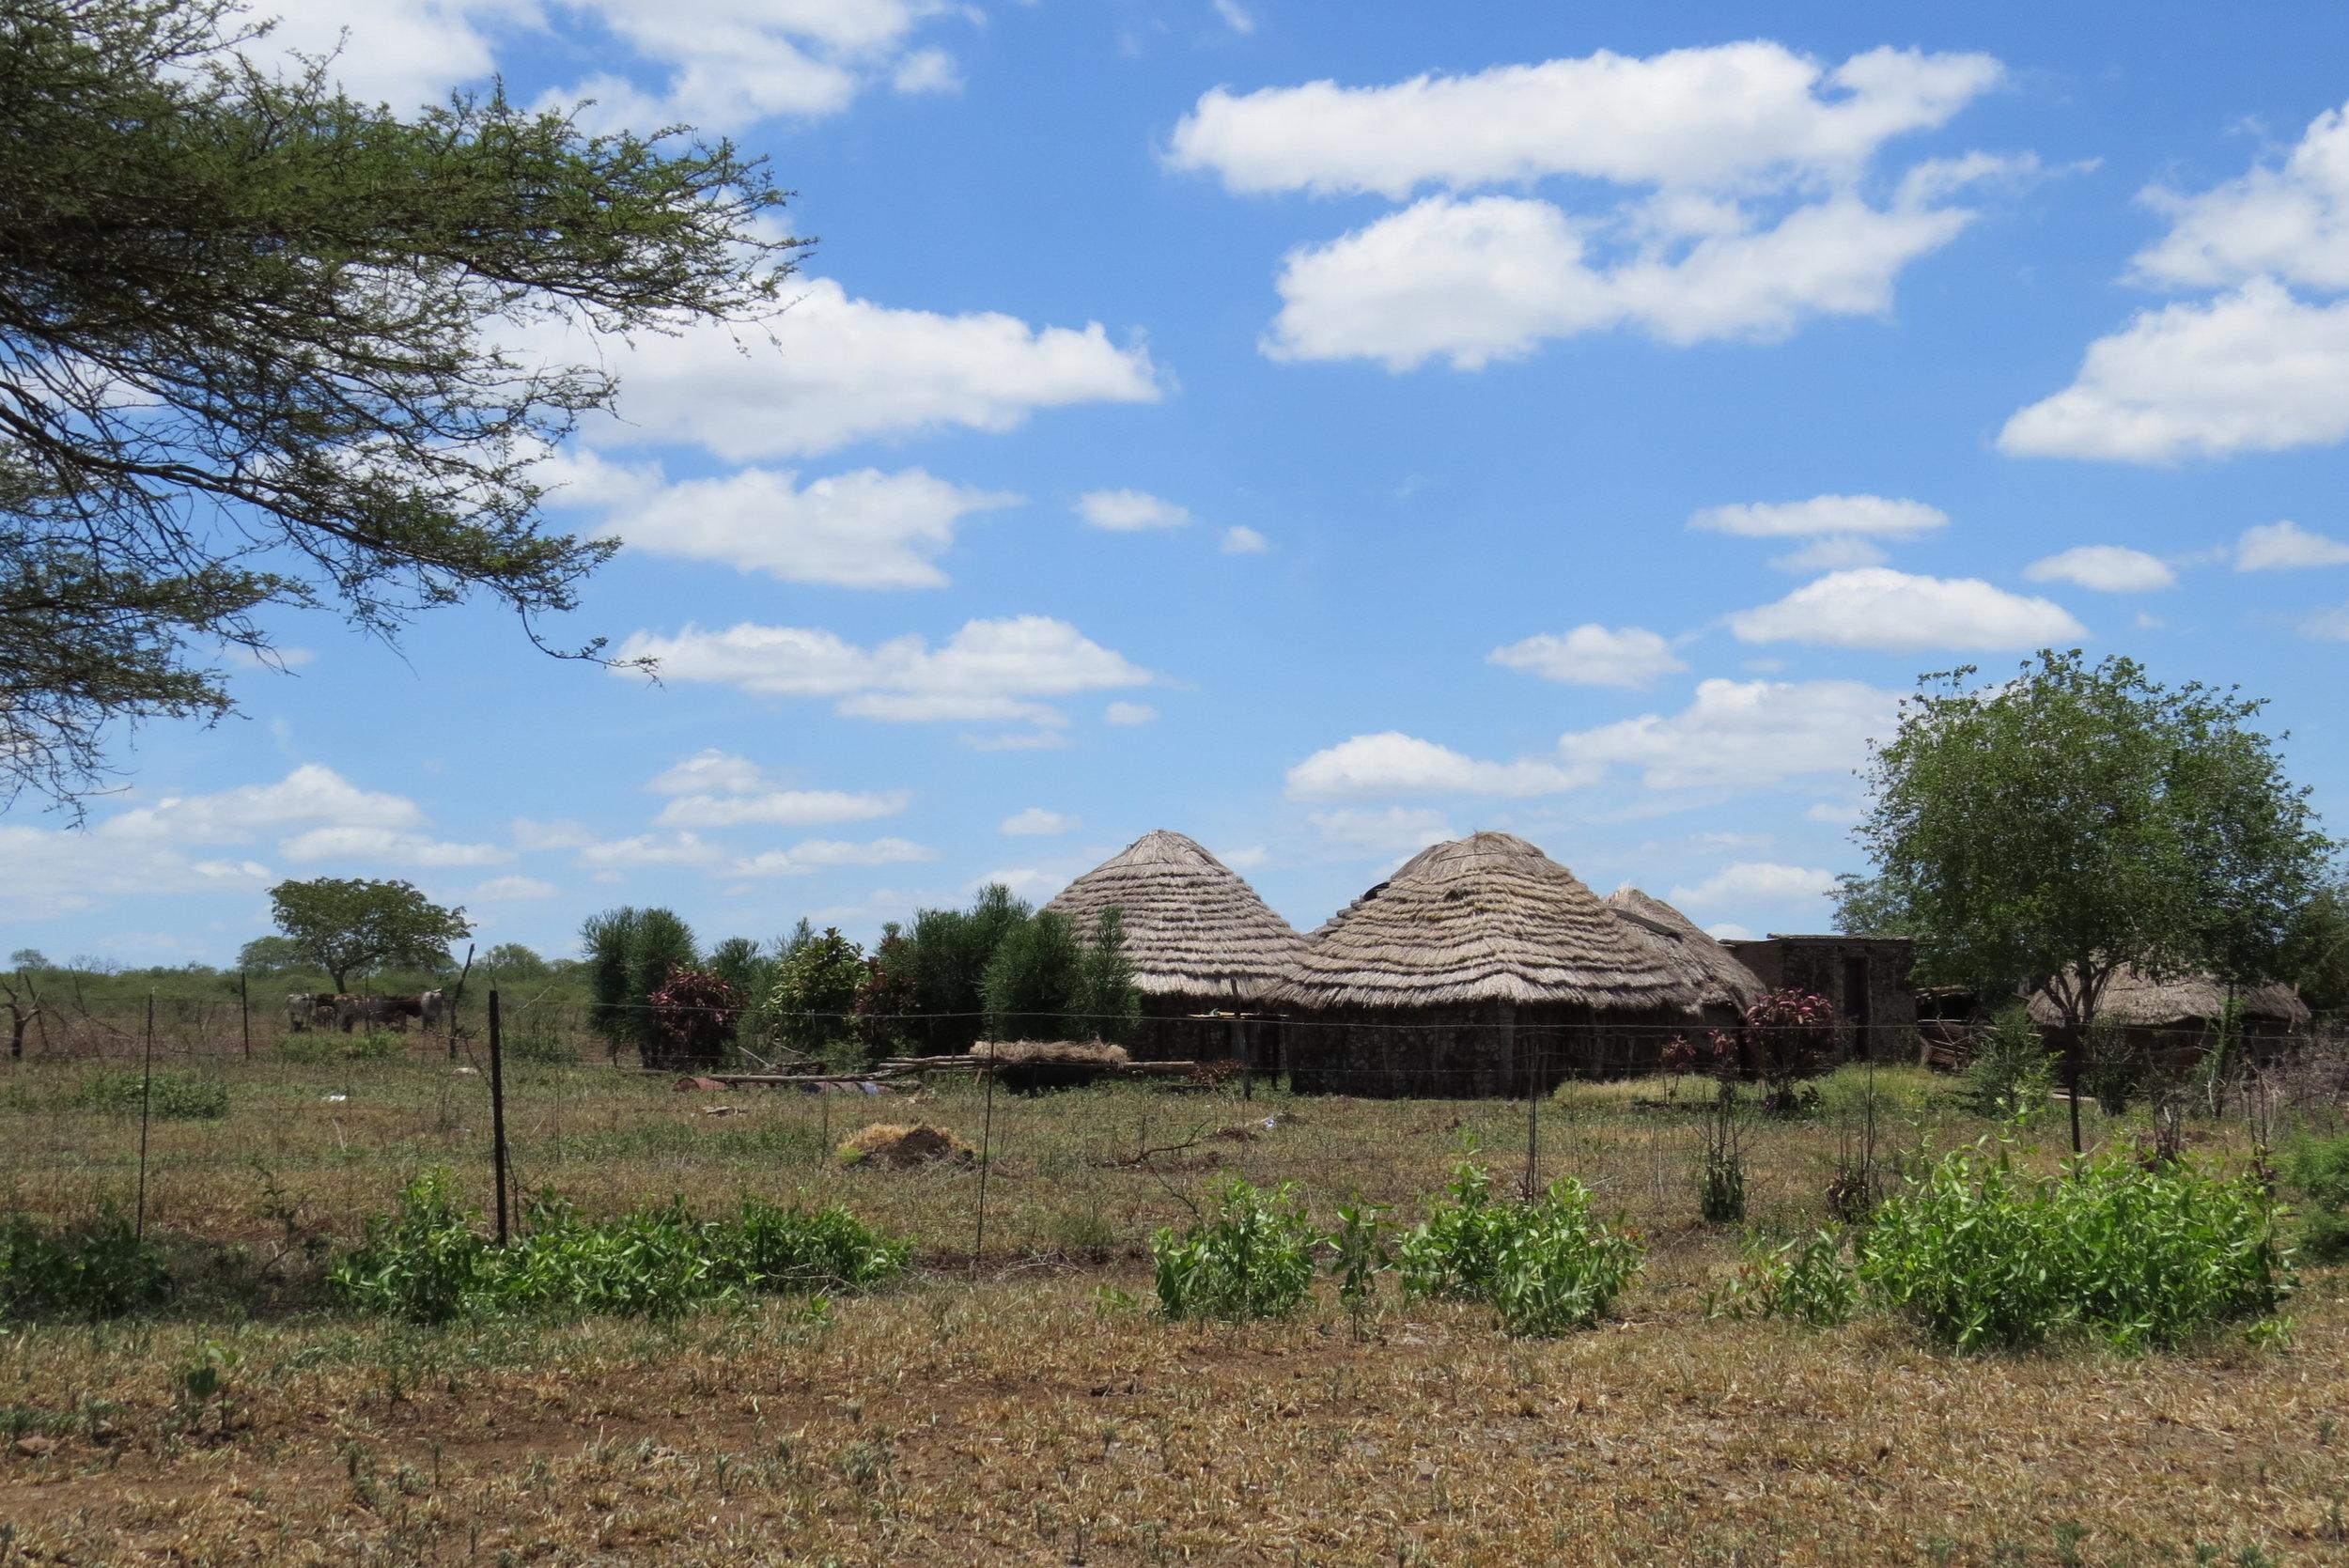 Swazi huts along the roadside